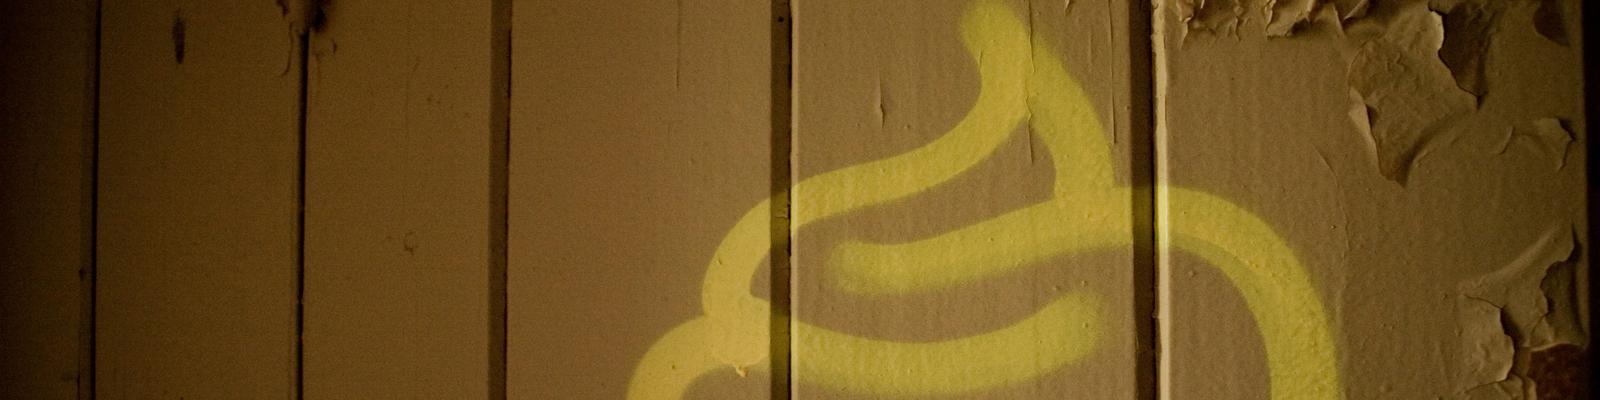 Ein Kothaufen auf eine Bretterwand gesprüht.